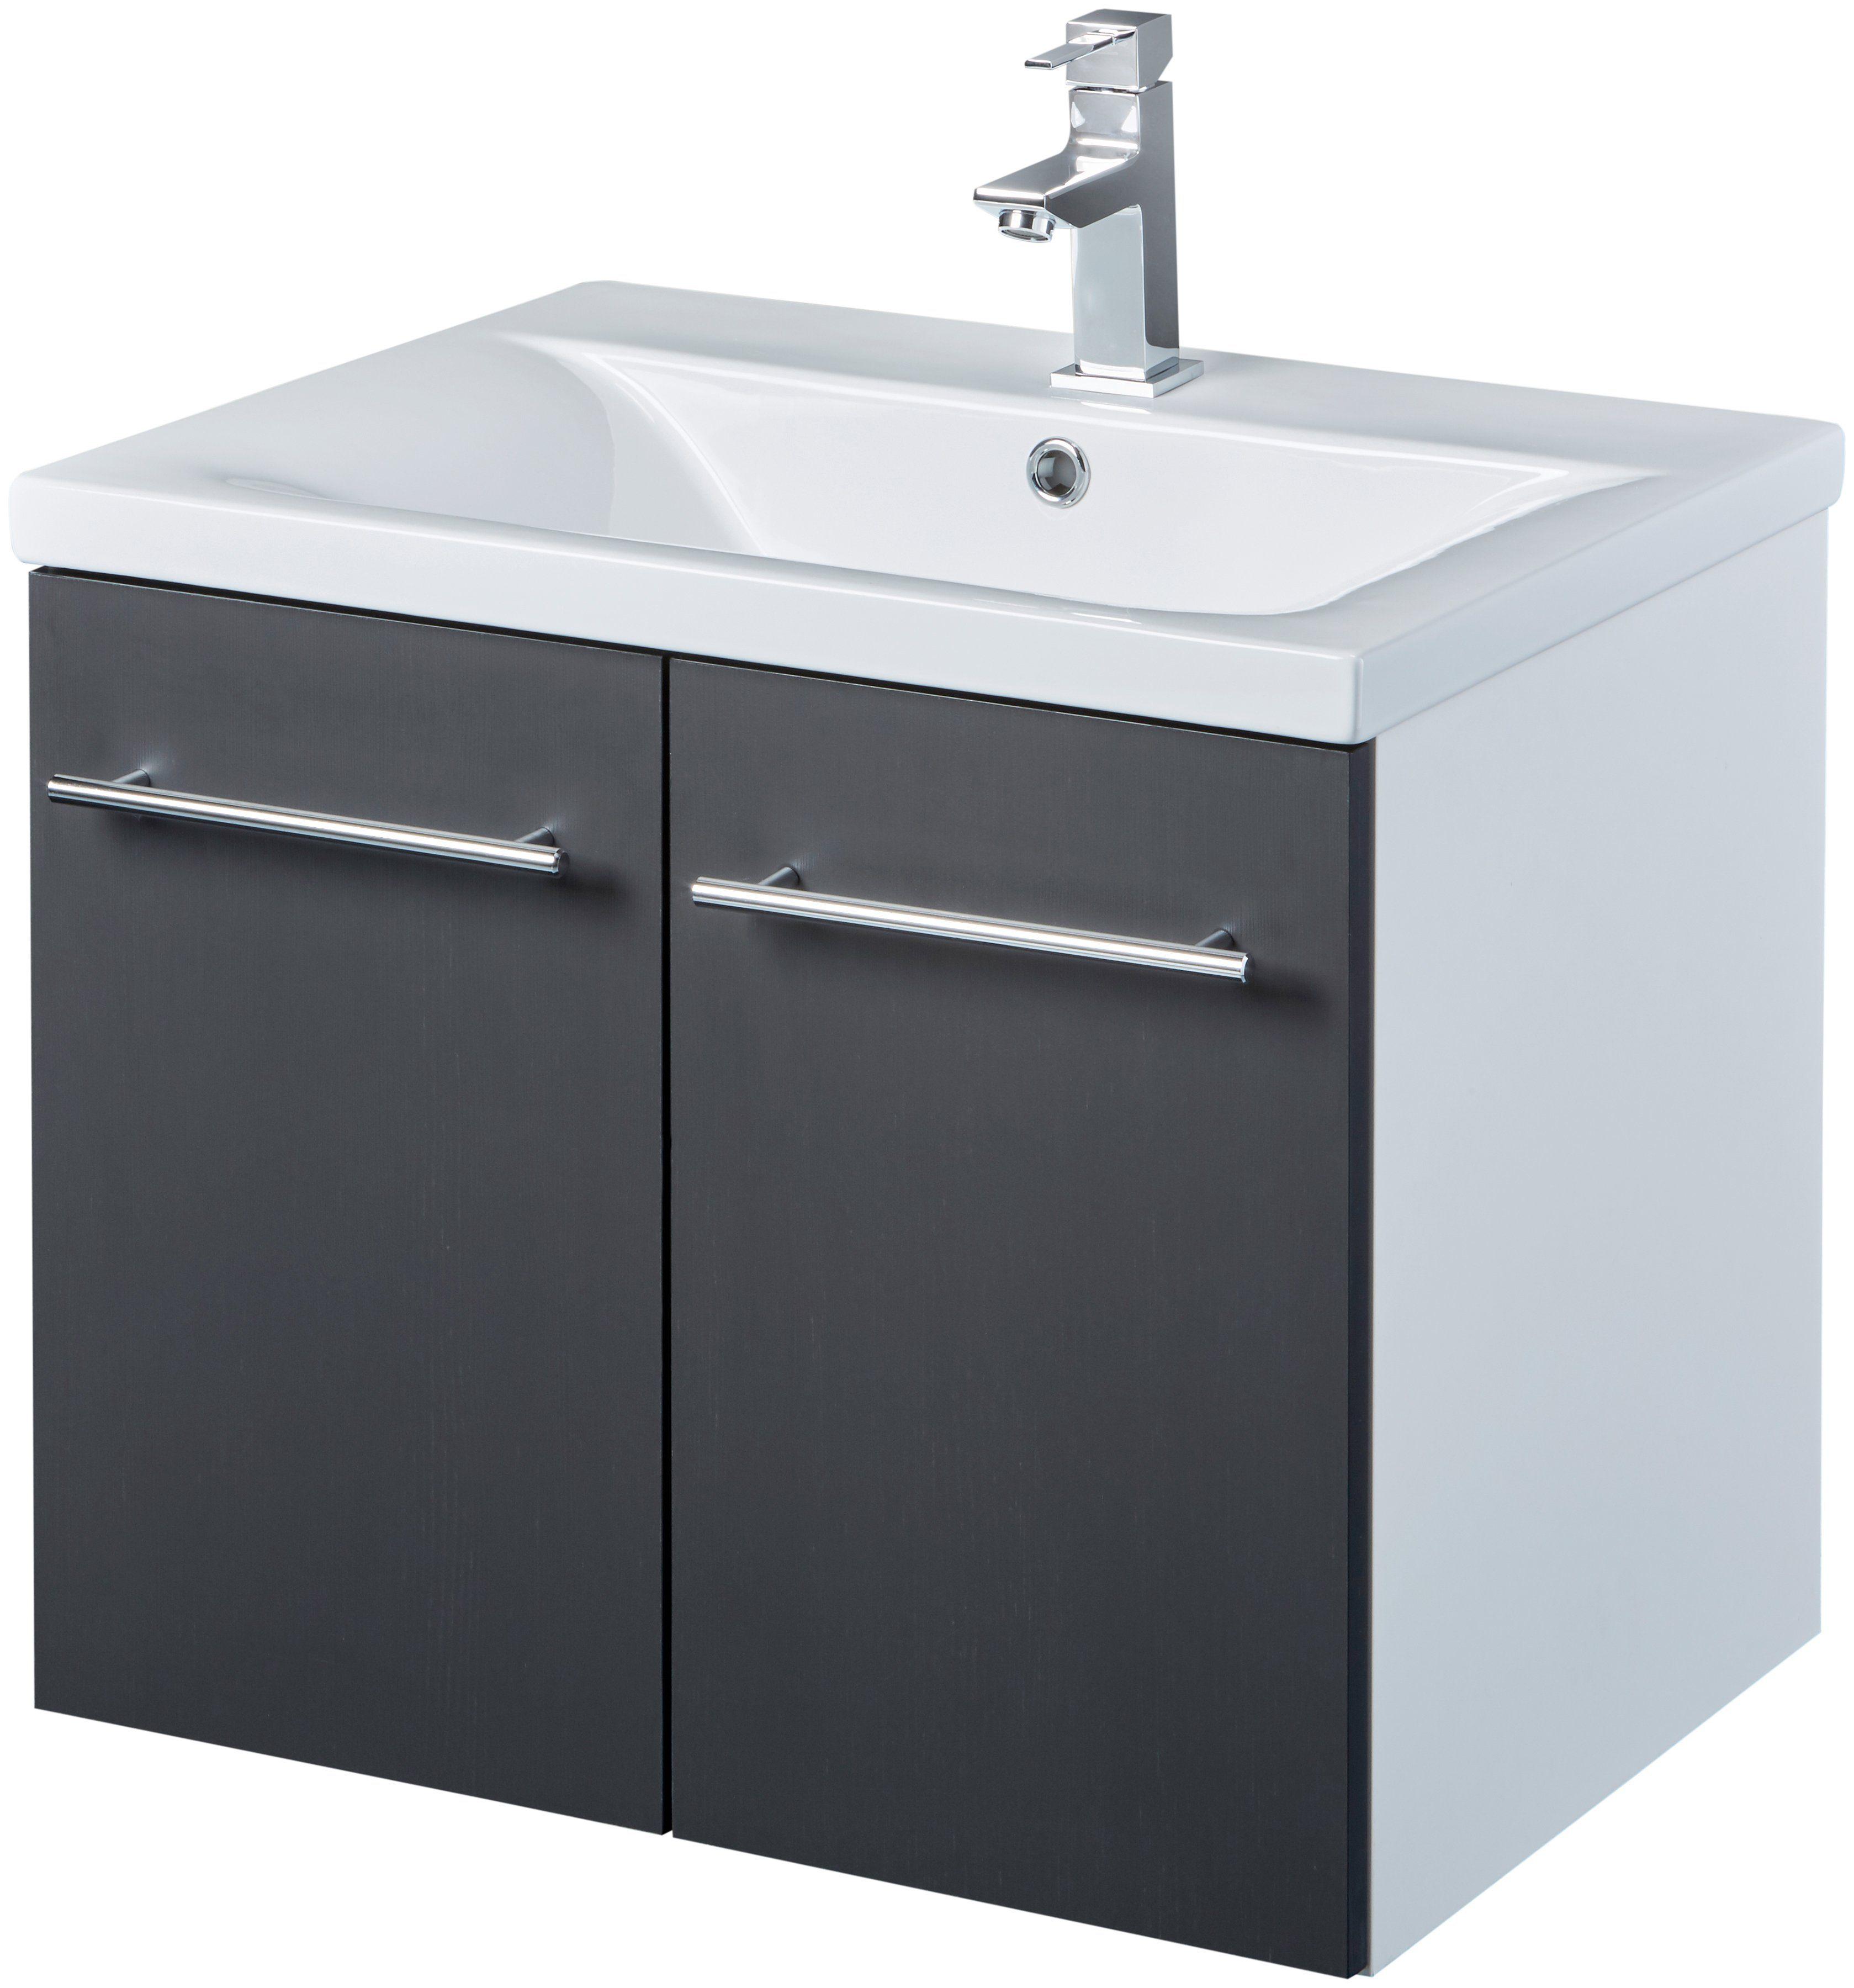 Waschtisch »Baja«, Waschplatz, 62 cm breit, Bad-Set 2-tlg.